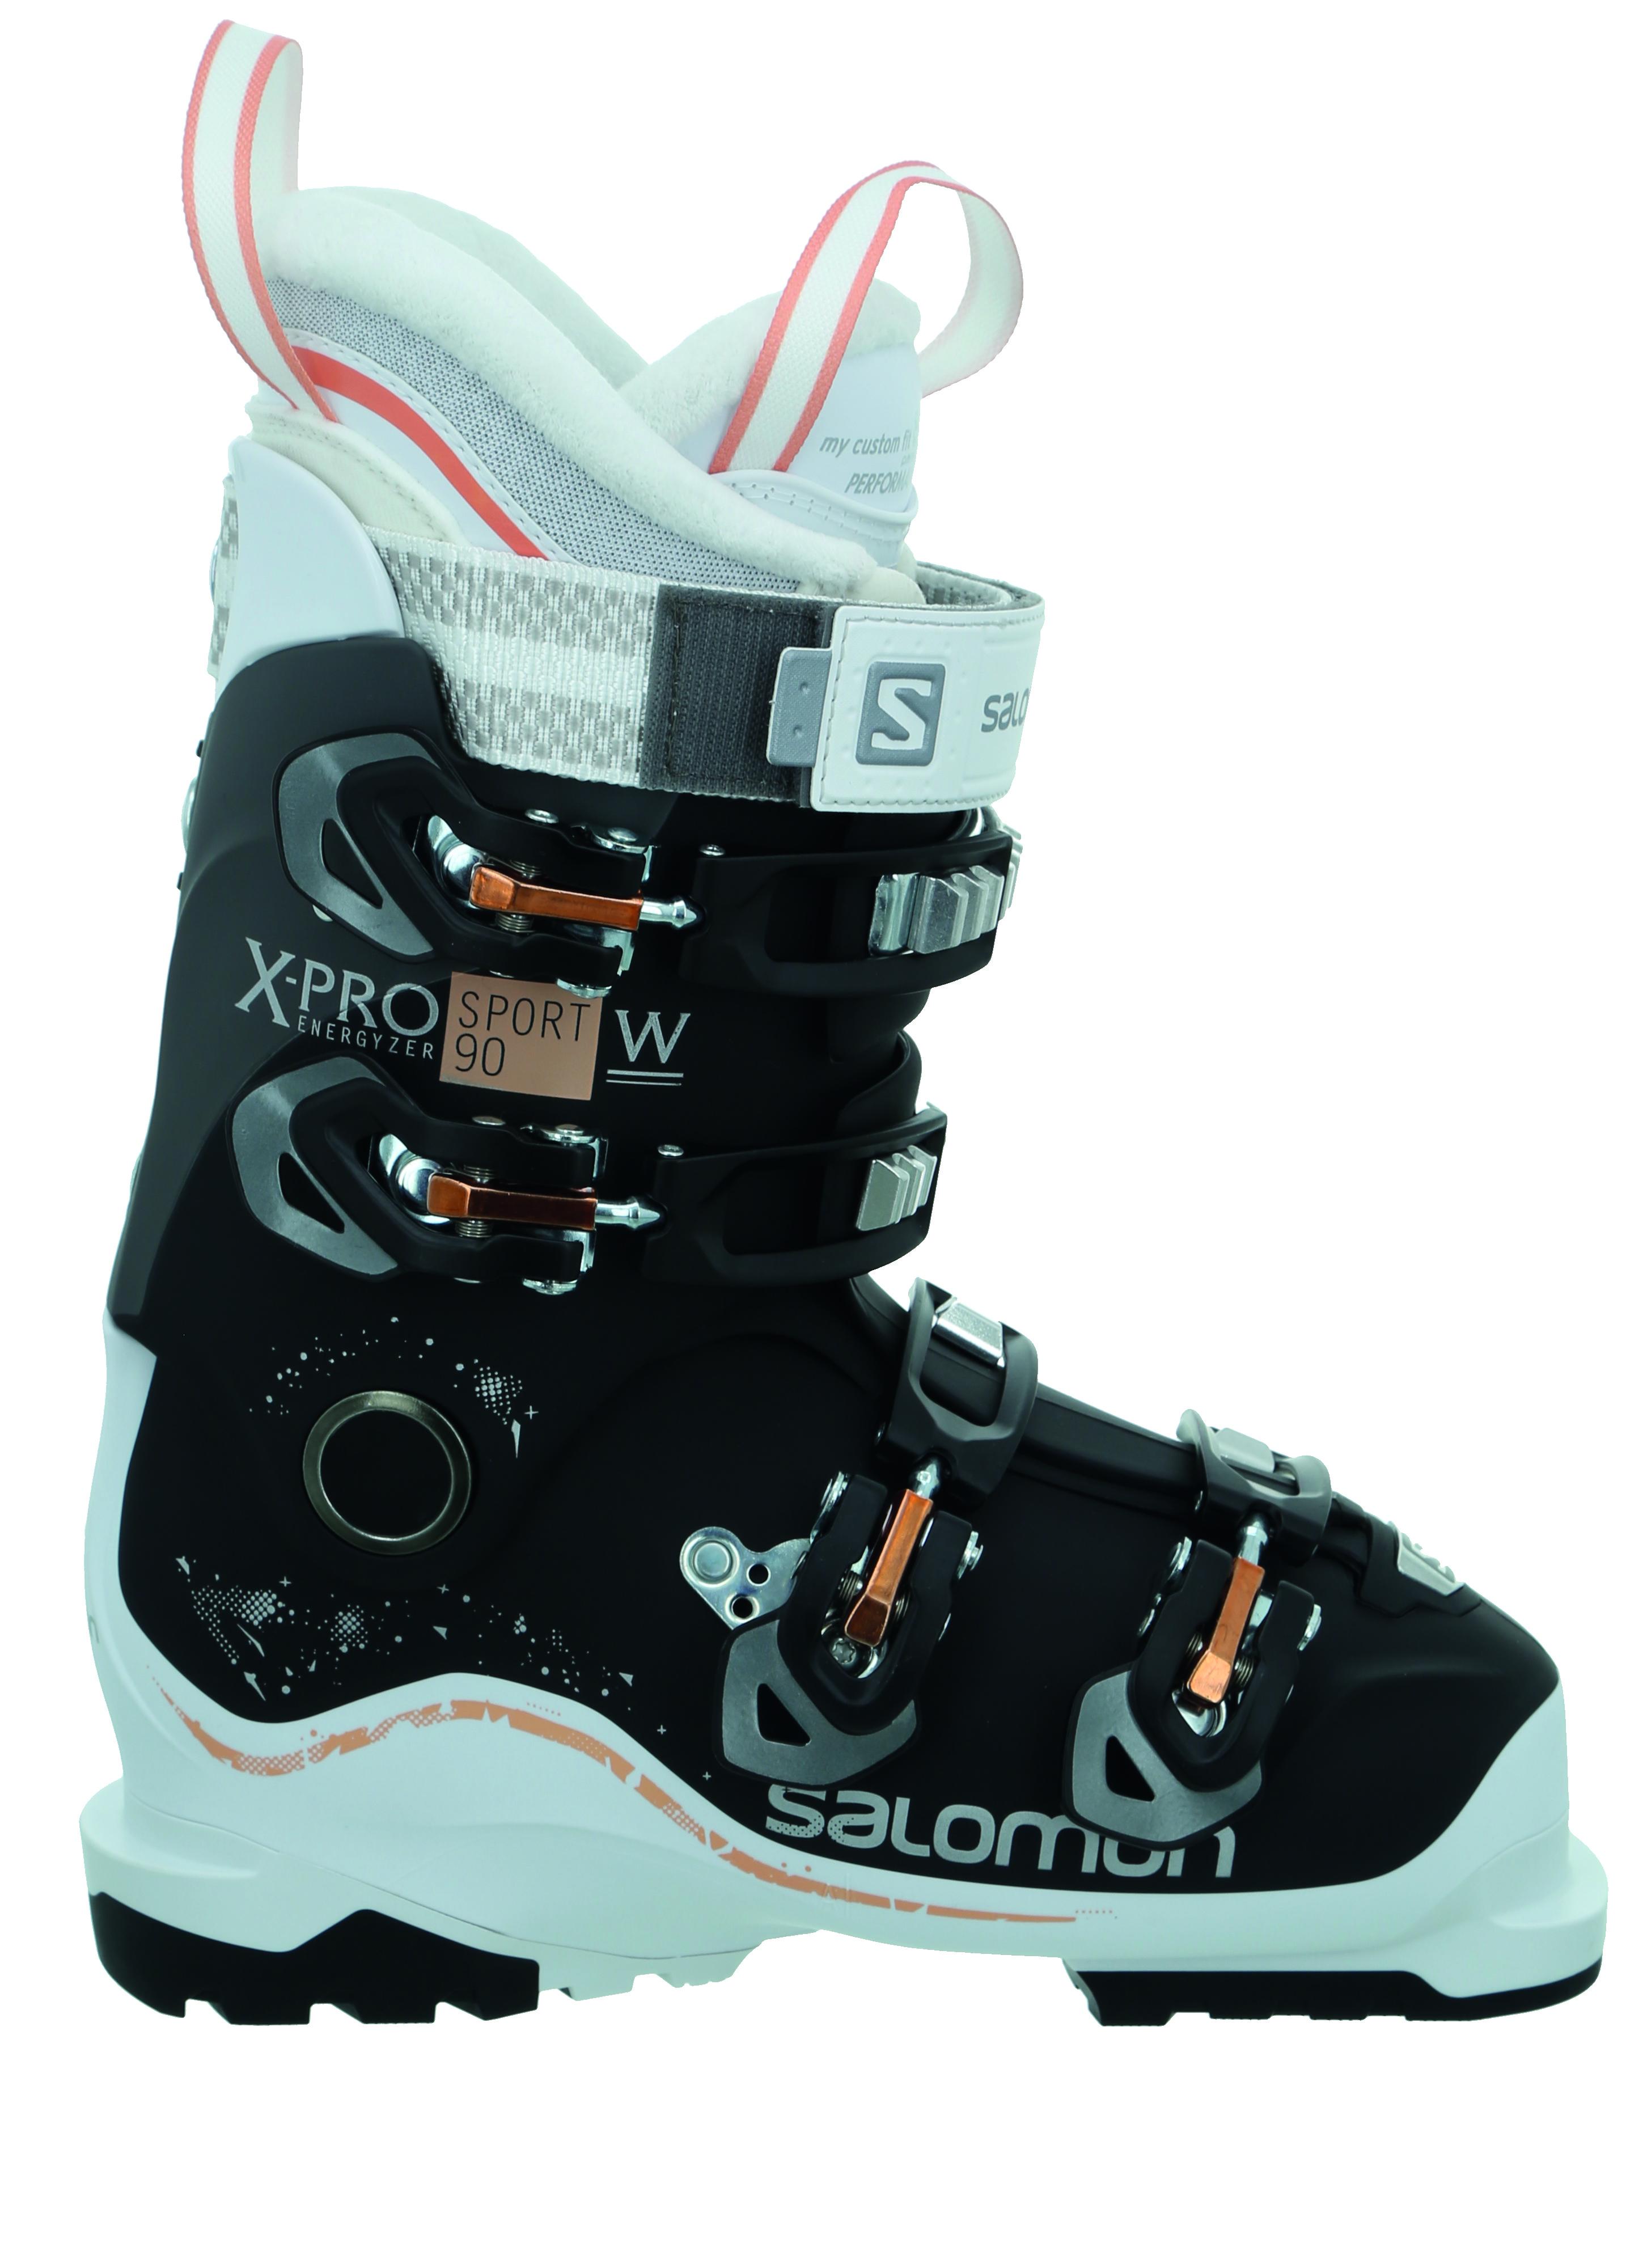 Salomon X PRO SPORT W Skischuhe für Damen | Skischuhe für o0FlY